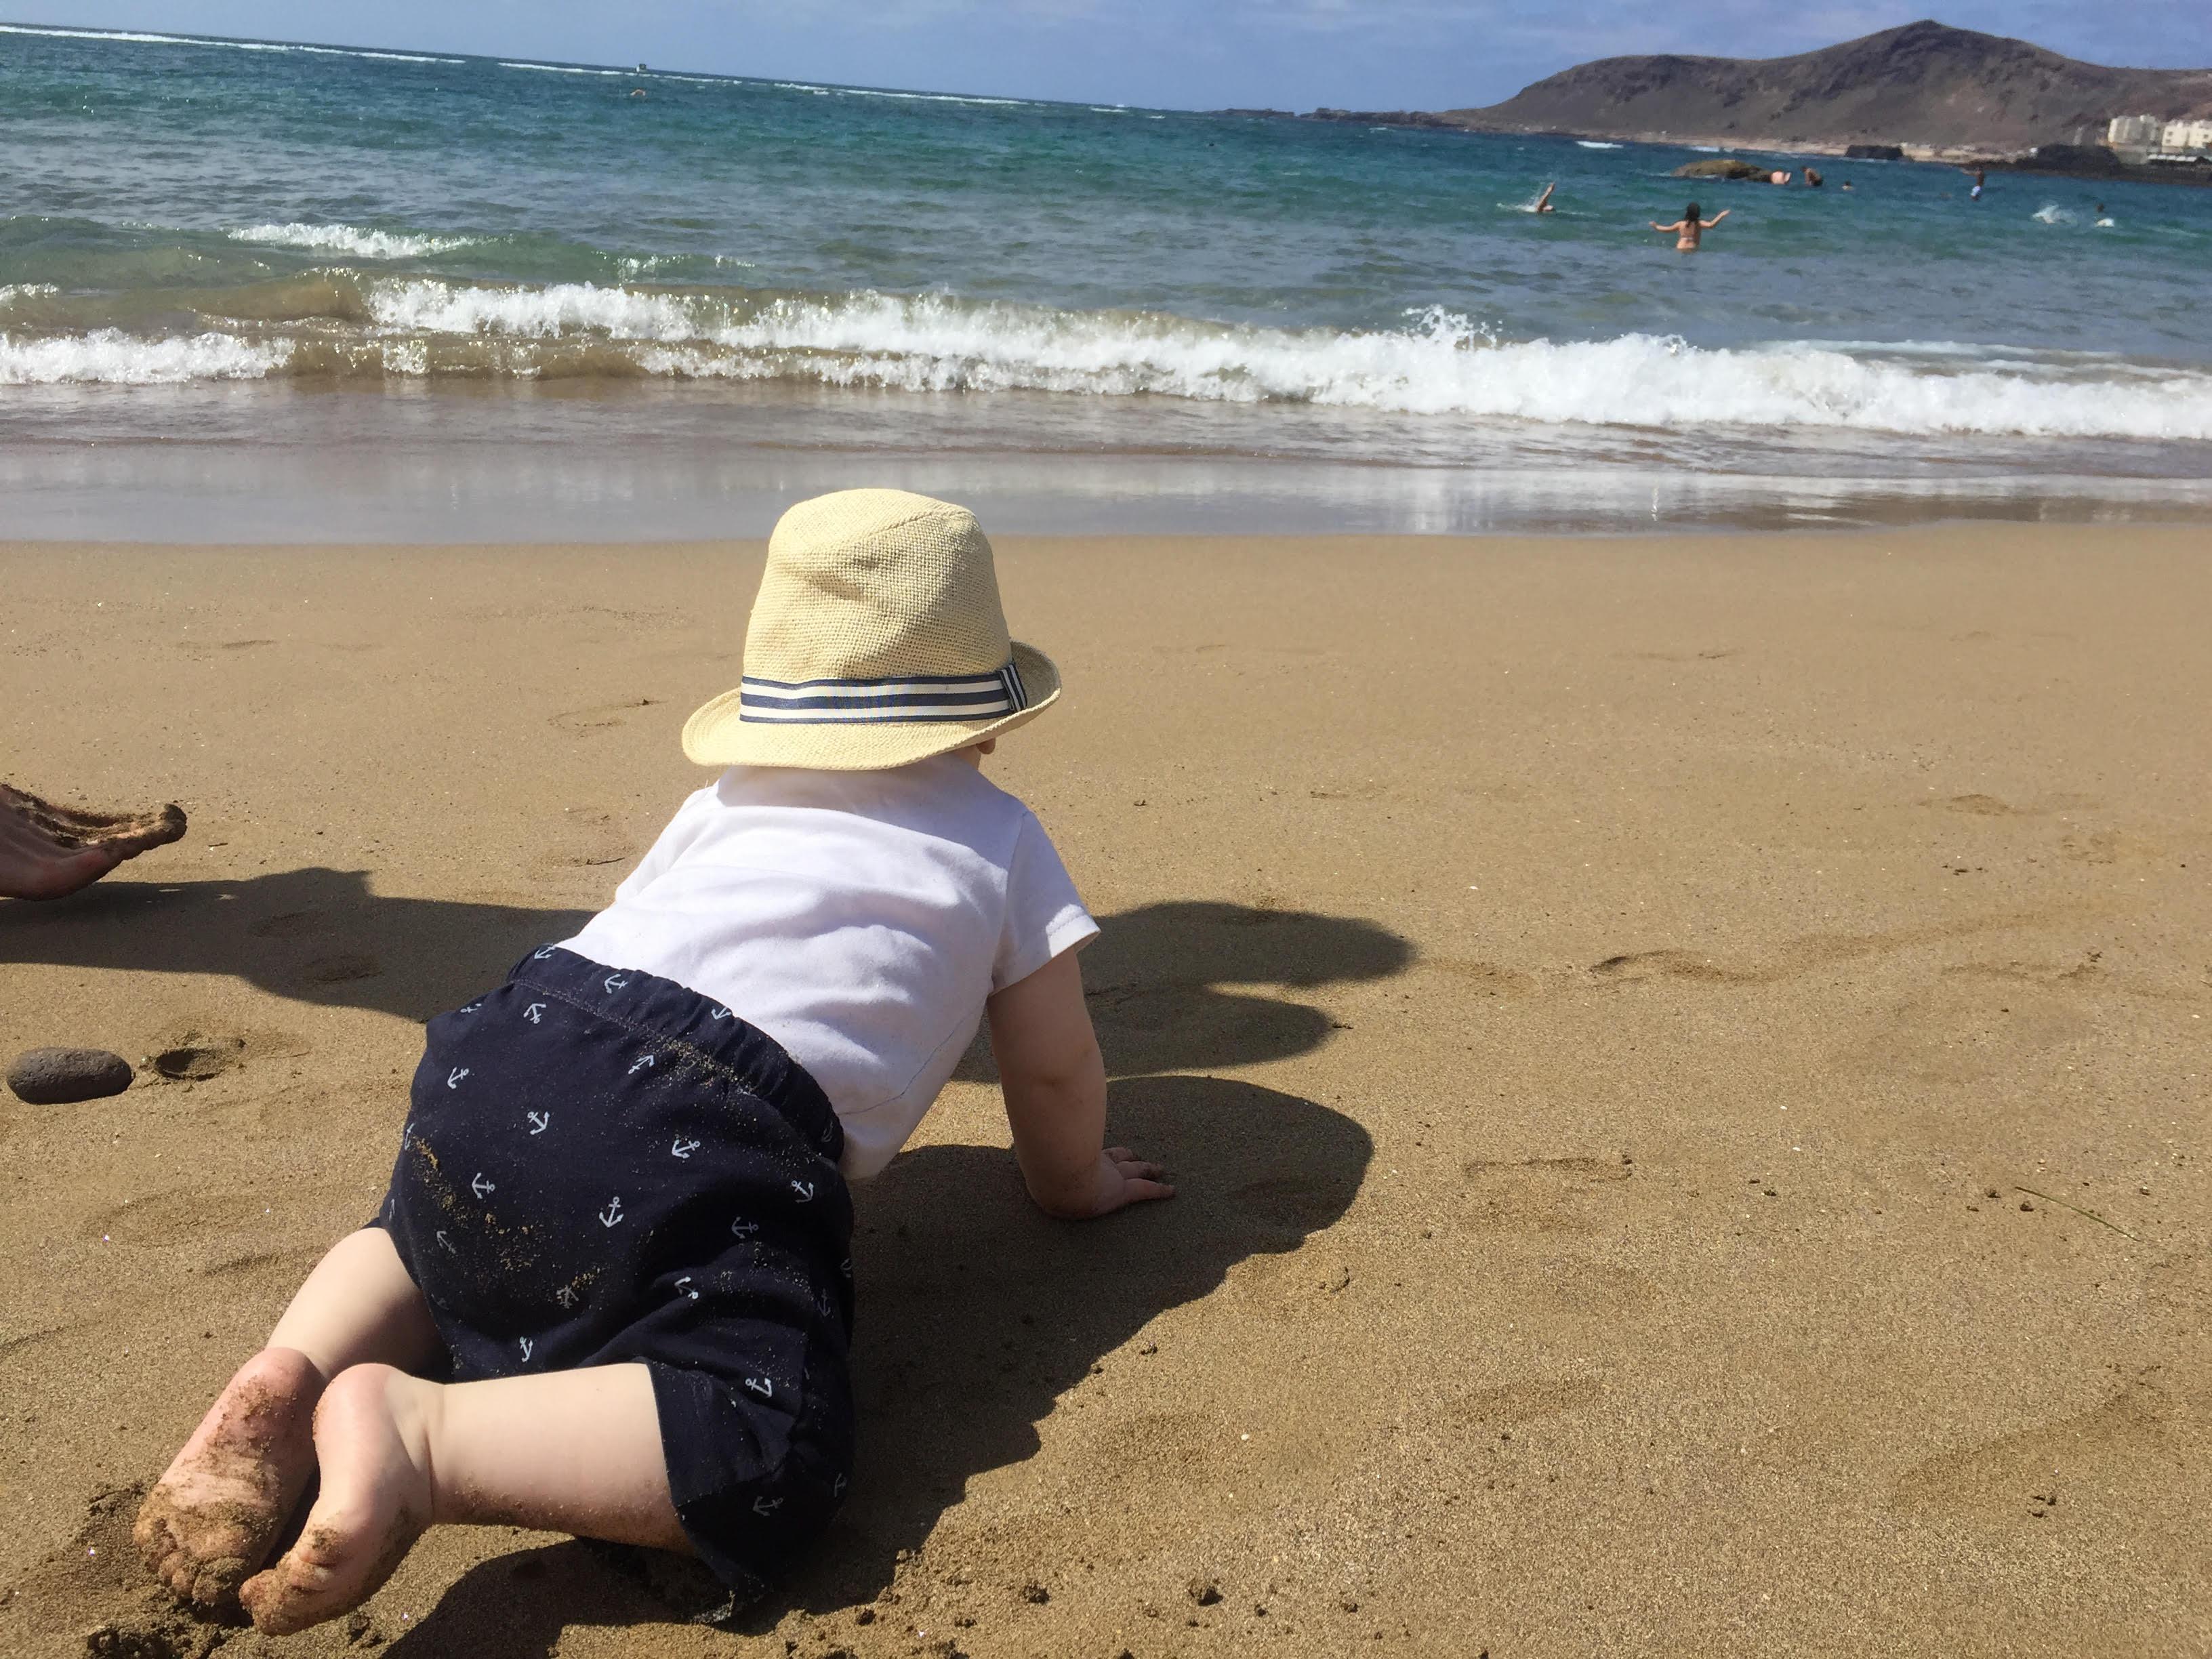 Matěj poprvé na pláži. Nejdřív se vln strašně bál, ale po několika návštěvách pláže a veeelmi postupném seznamování se nakonec osmělil :)